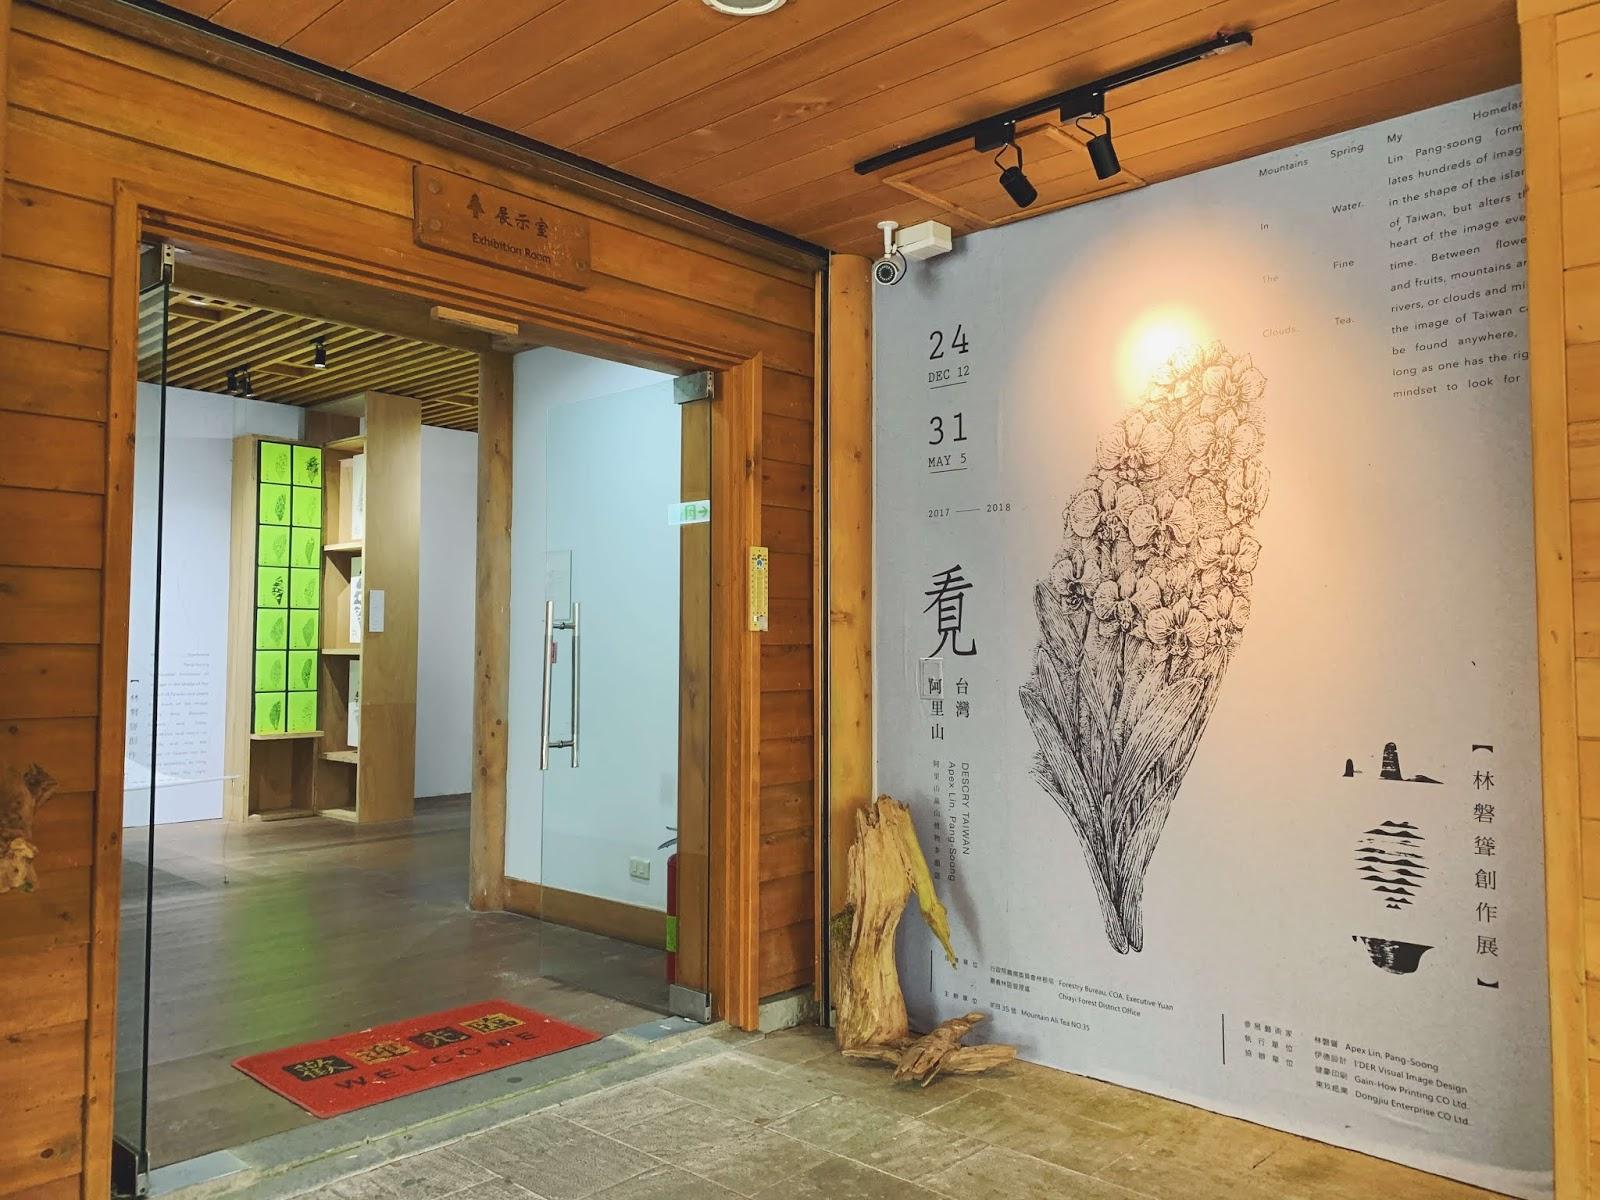 嘉義-阿里山-茶屋-景點-美食-品茶-茶席-展覽-林磐聳-茶田35號-菜單-茶文化體驗-評價-茶葉